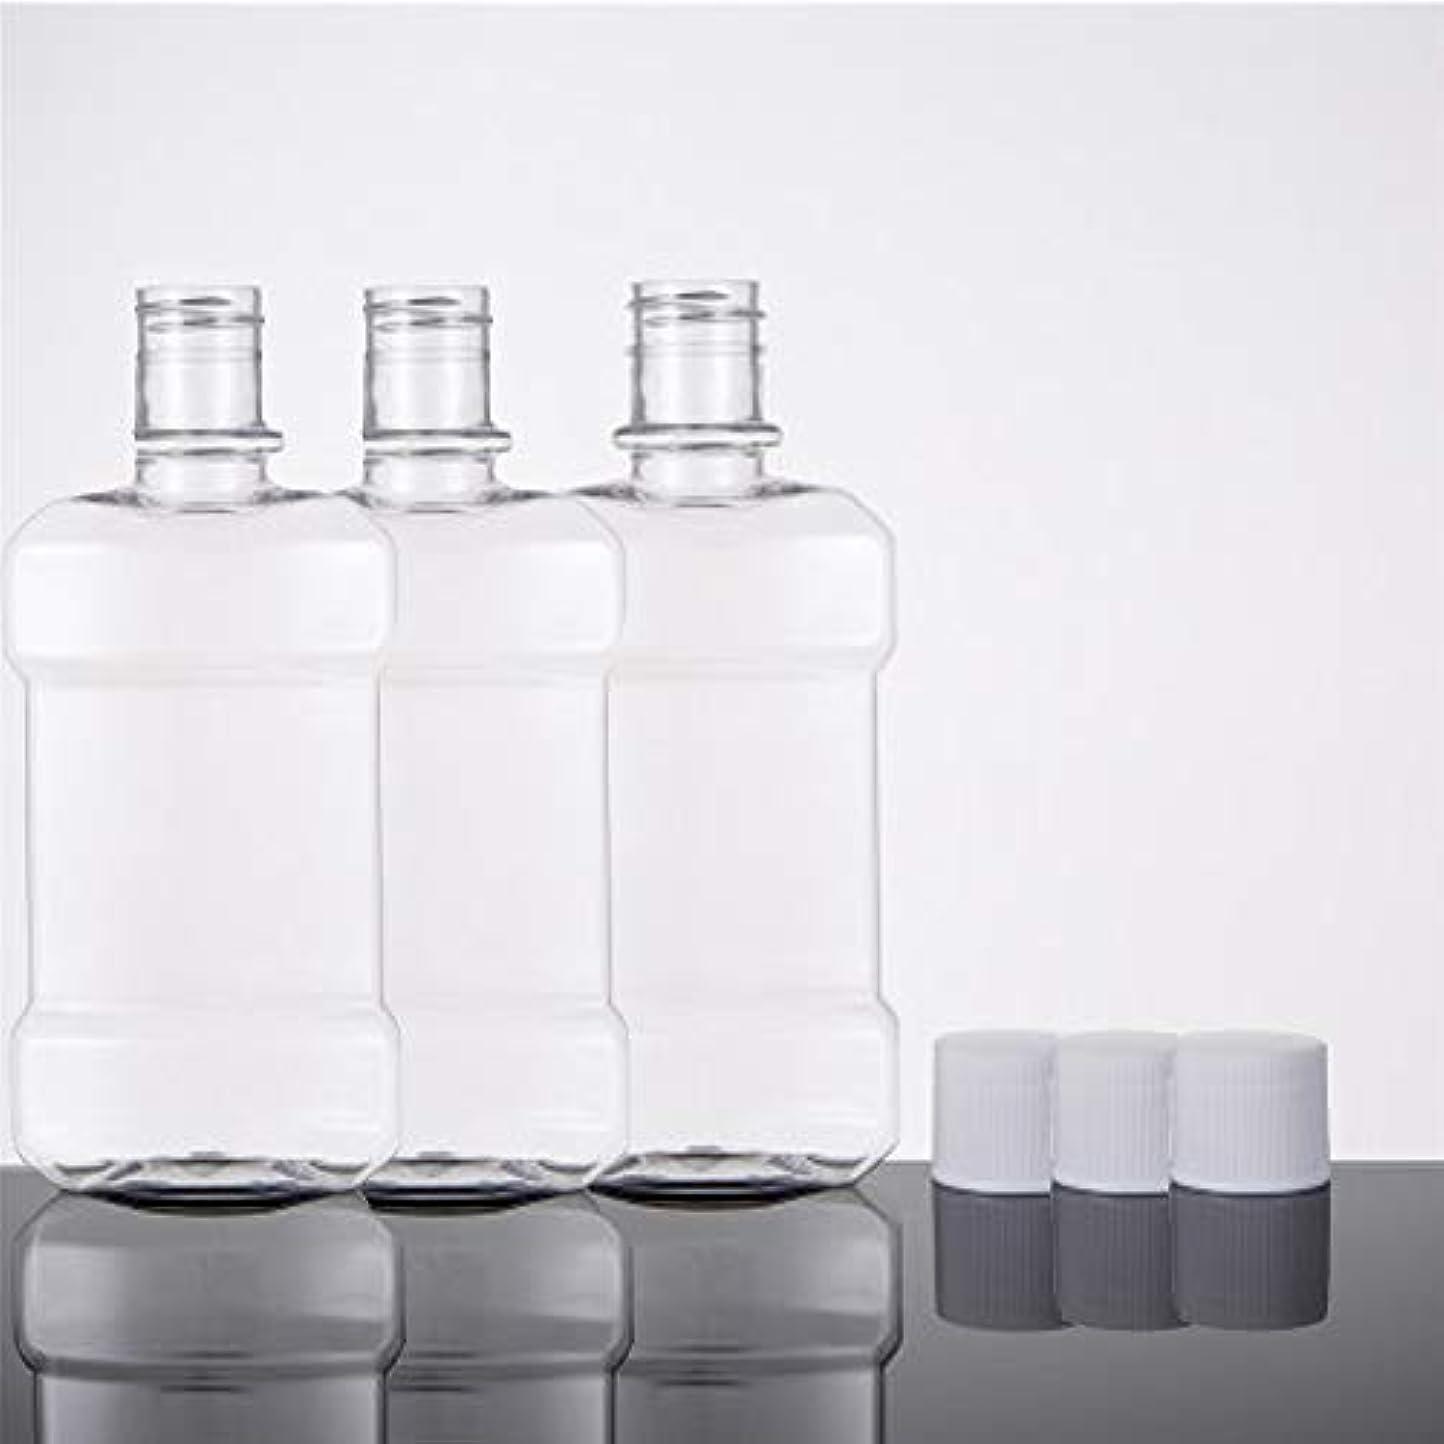 死にかけているマグ頑固なSHKI マウスウォッシュ専用詰め替えボトル 250ml*3個 空ボトル 3個セット 持ち運び便利